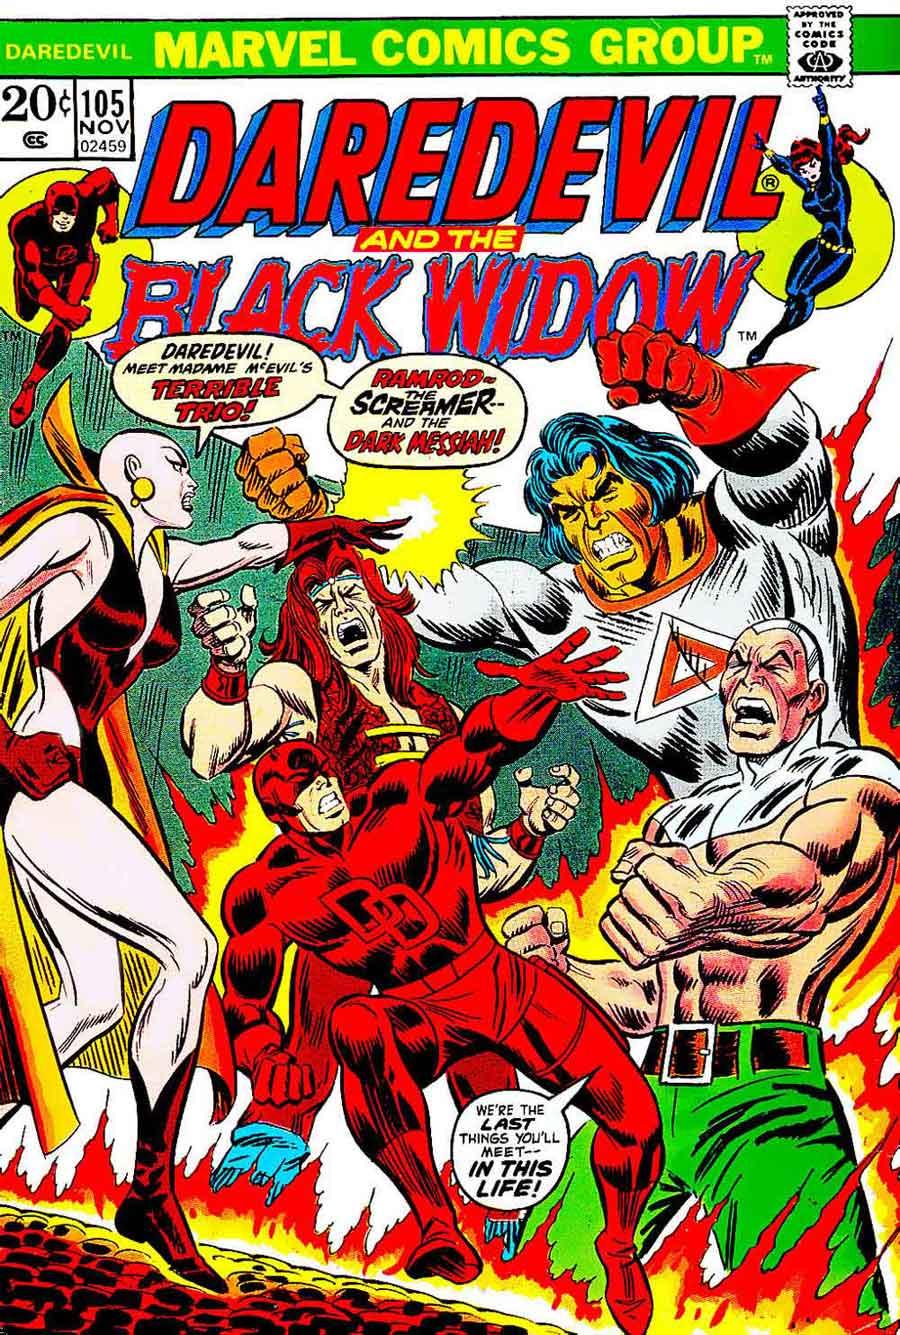 Daredevil v1 #105 marvel comic book cover